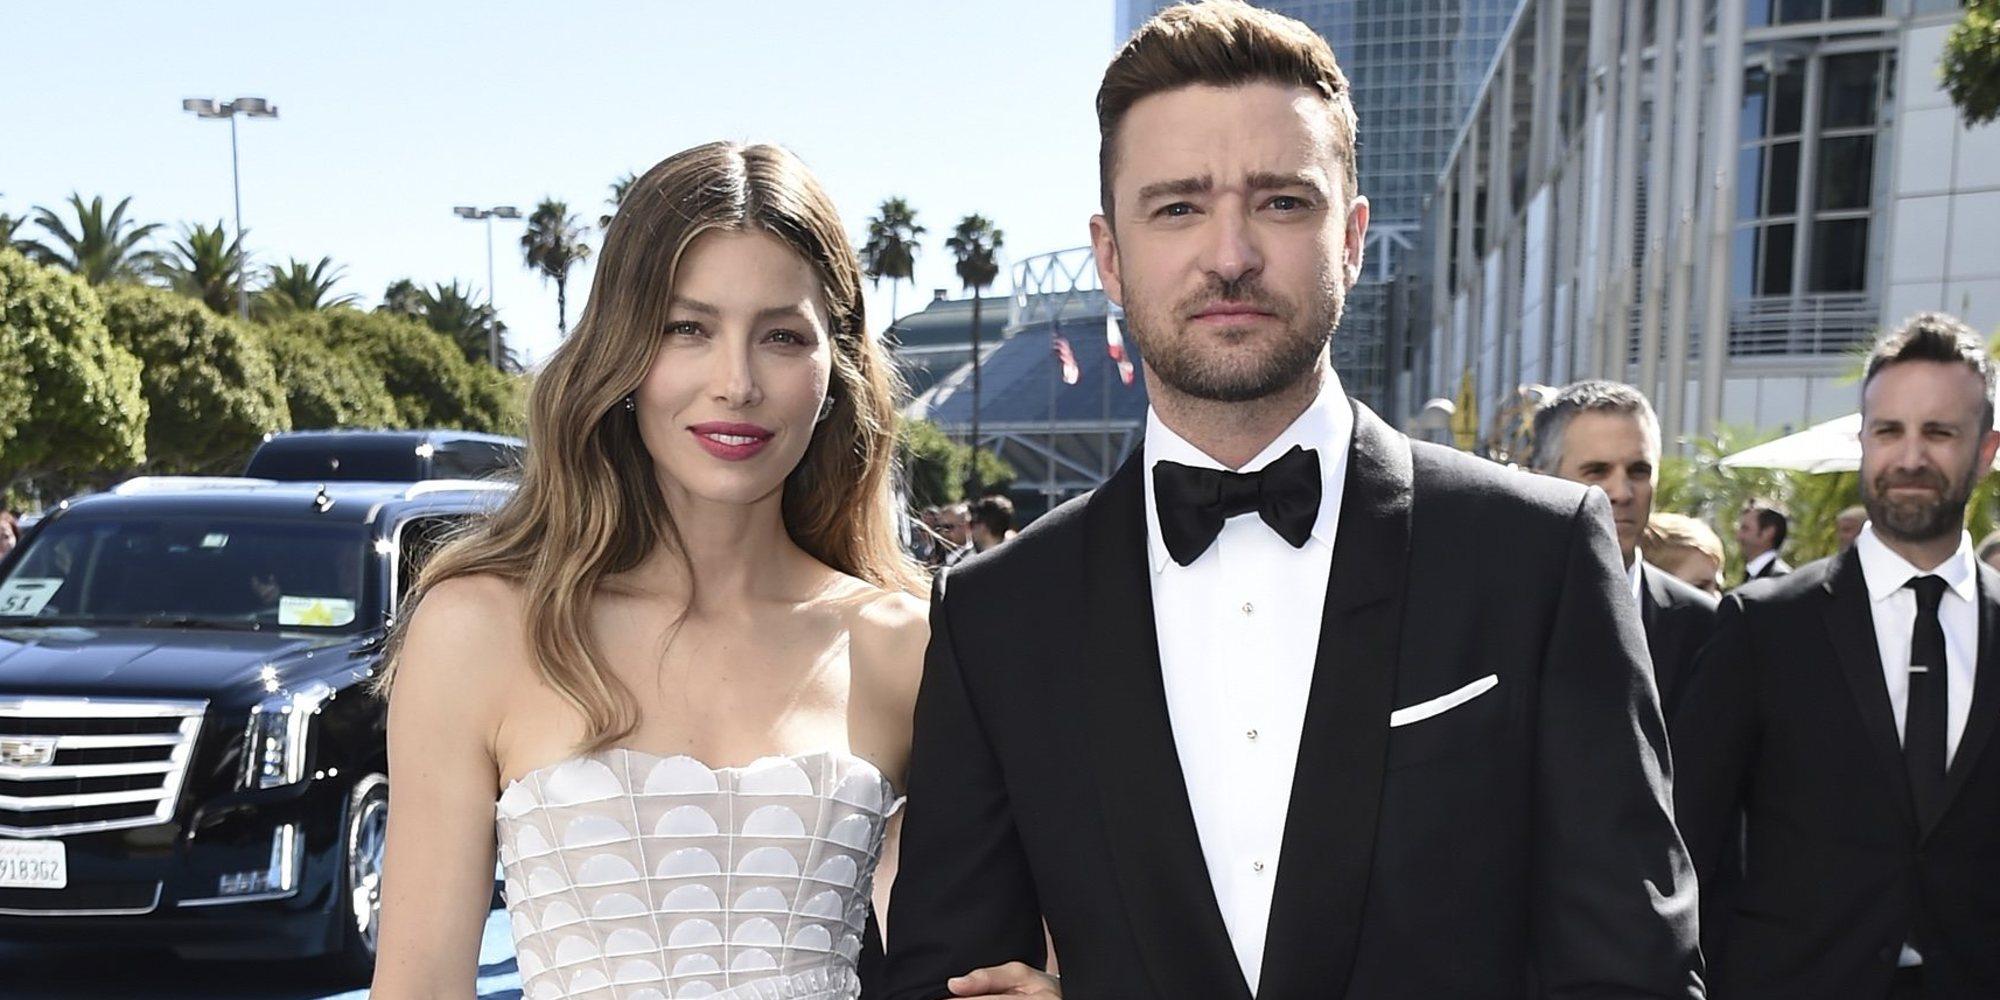 El divertido disfraz de Jessica Biel y Justin Timberlake en una fiesta de Halloween